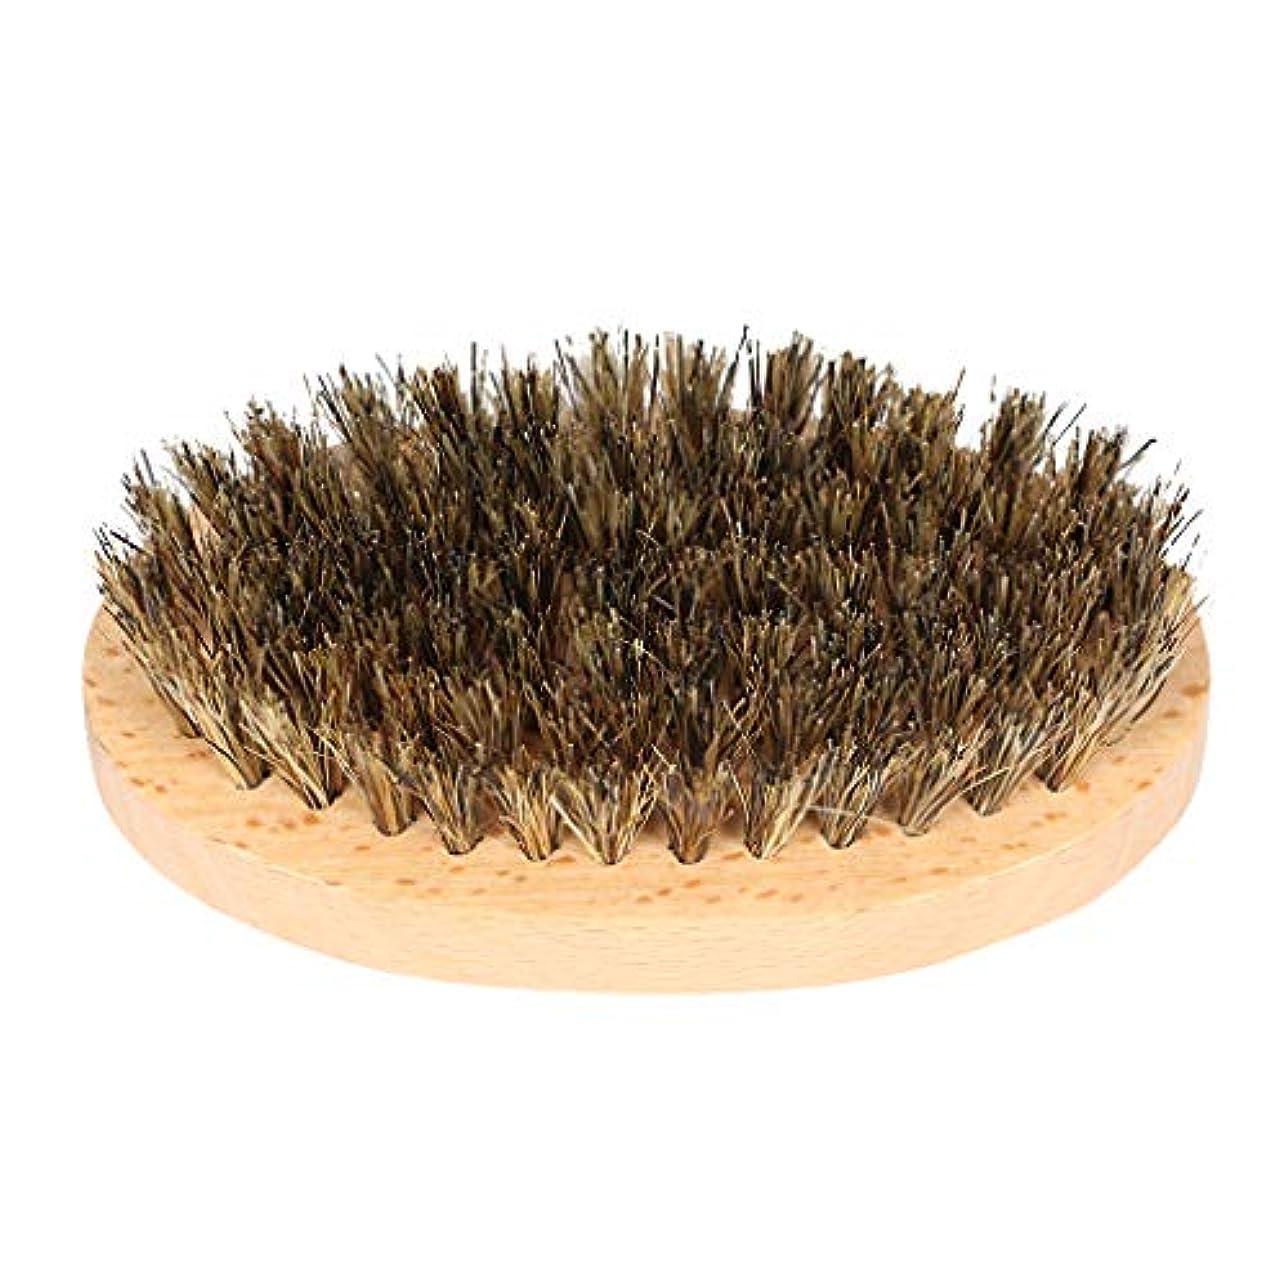 コウモリ鼓舞するお嬢理髪店の男性の天然木のひげの口ひげ顔の髪のブラシ毛髪のブラシ